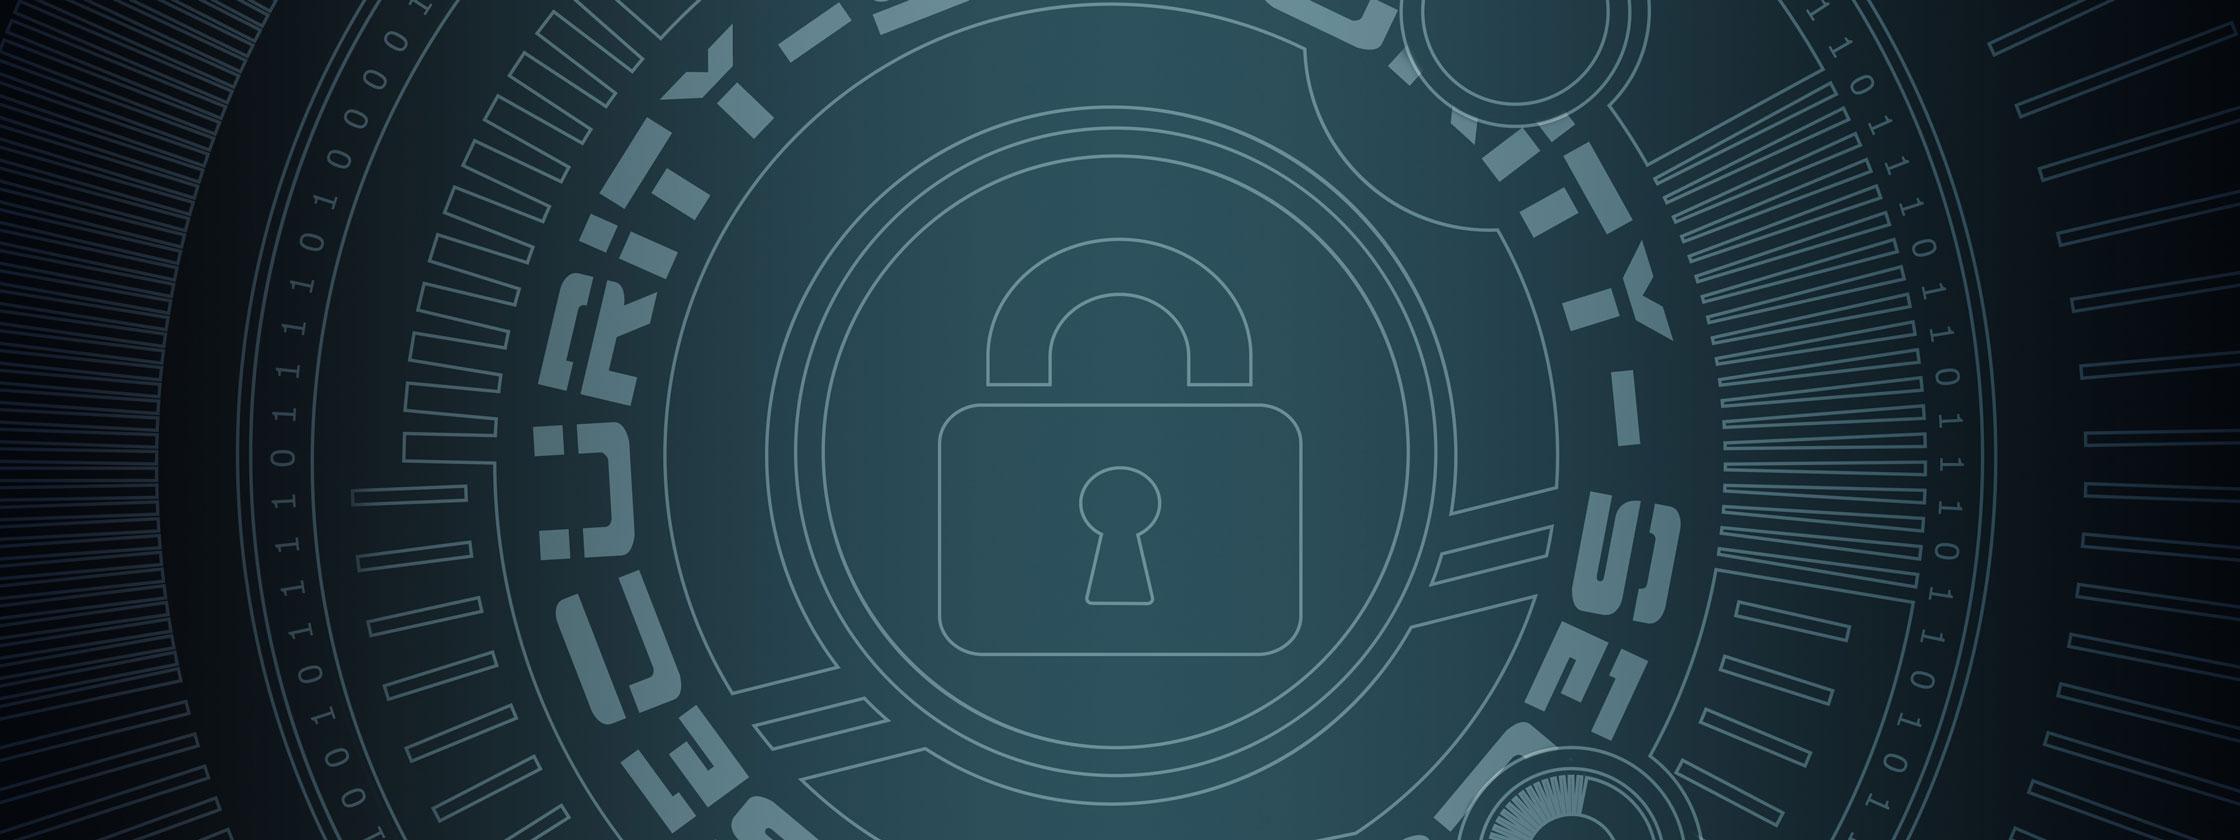 PDF 文件可能泄露你的隐私,怎么办?